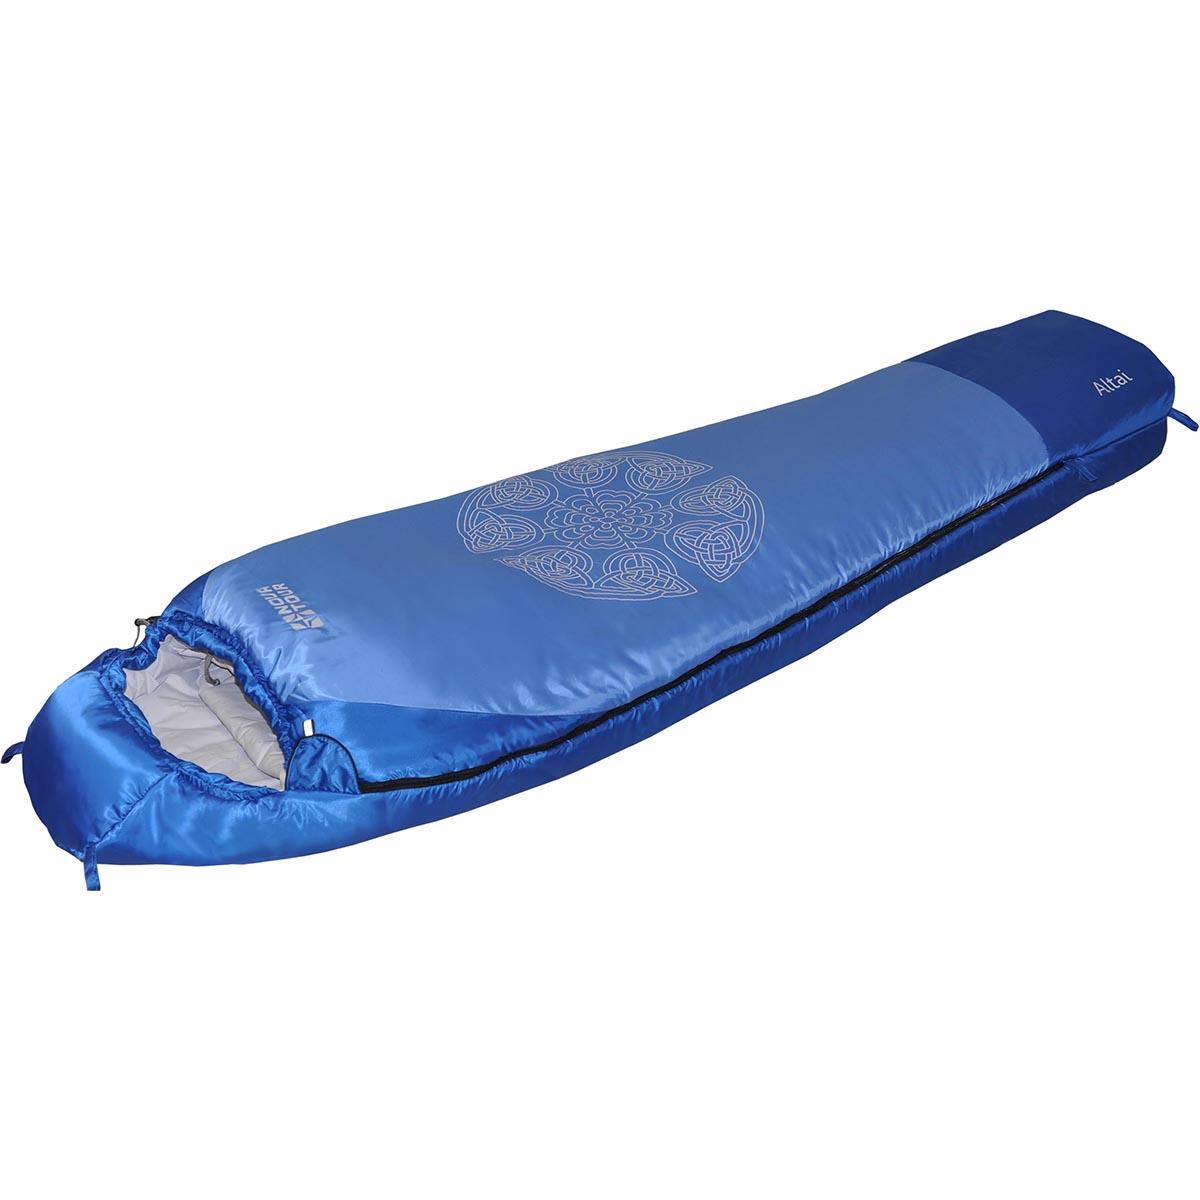 Мешок спальный NOVA TOUR Алтай -10 V2, цвет: синий, белый, правосторонняя молния